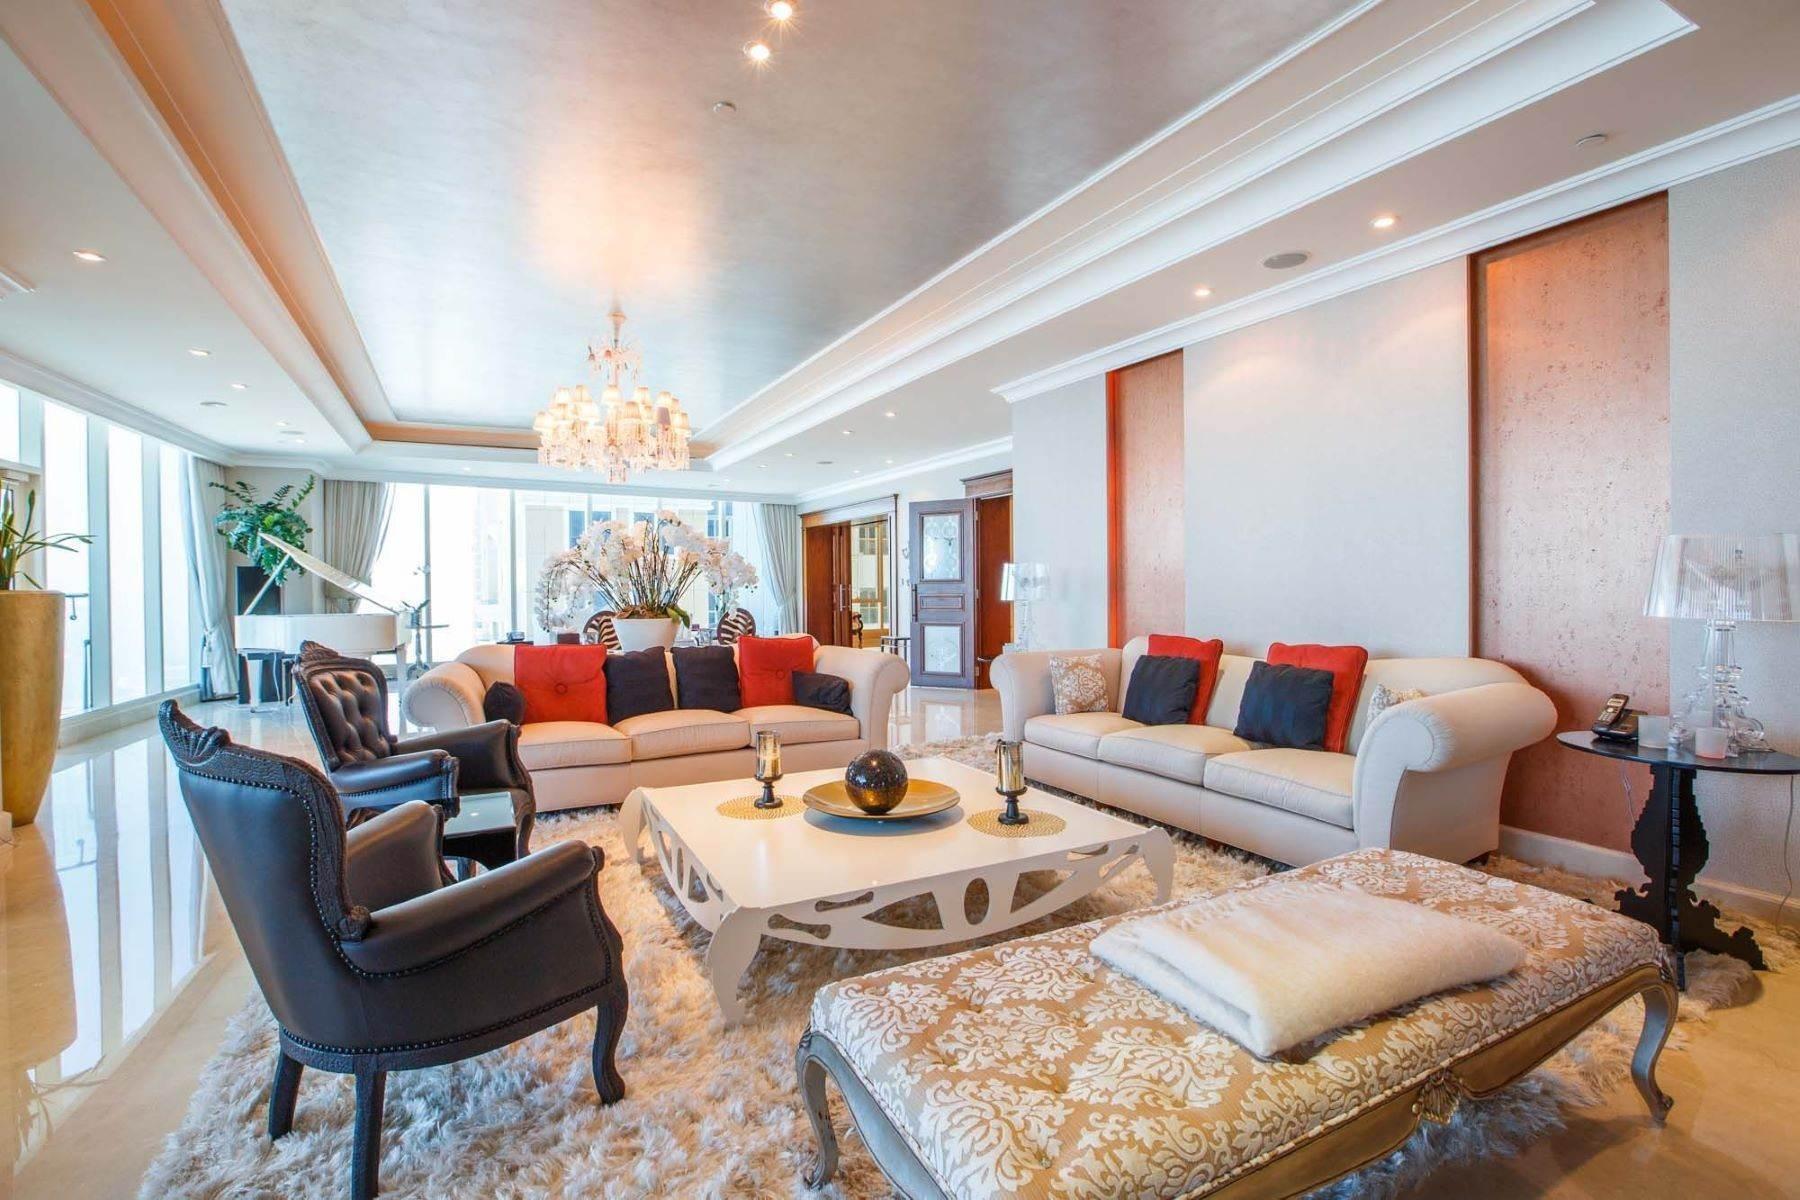 Продажа квартир в инфинити дубай средняя стоимость квартиры в америке